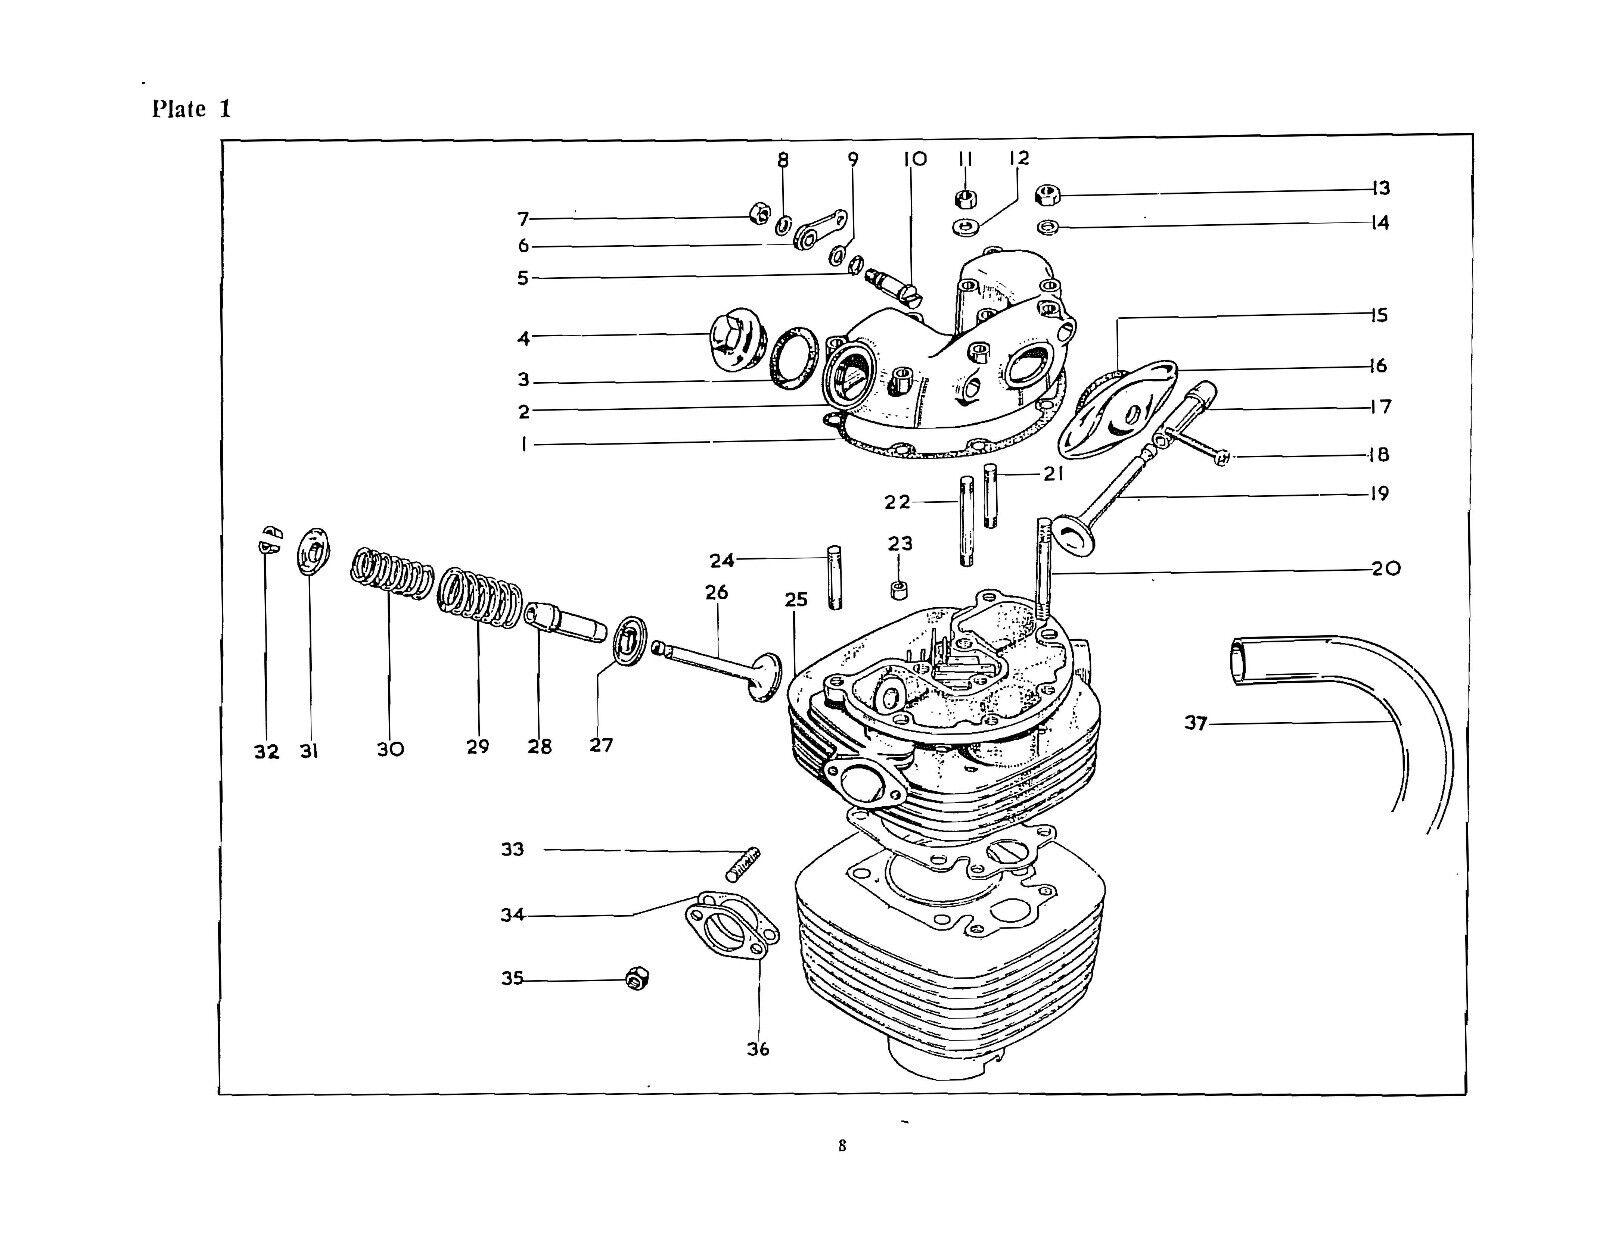 1968 bsa thunderbolt parts manuals